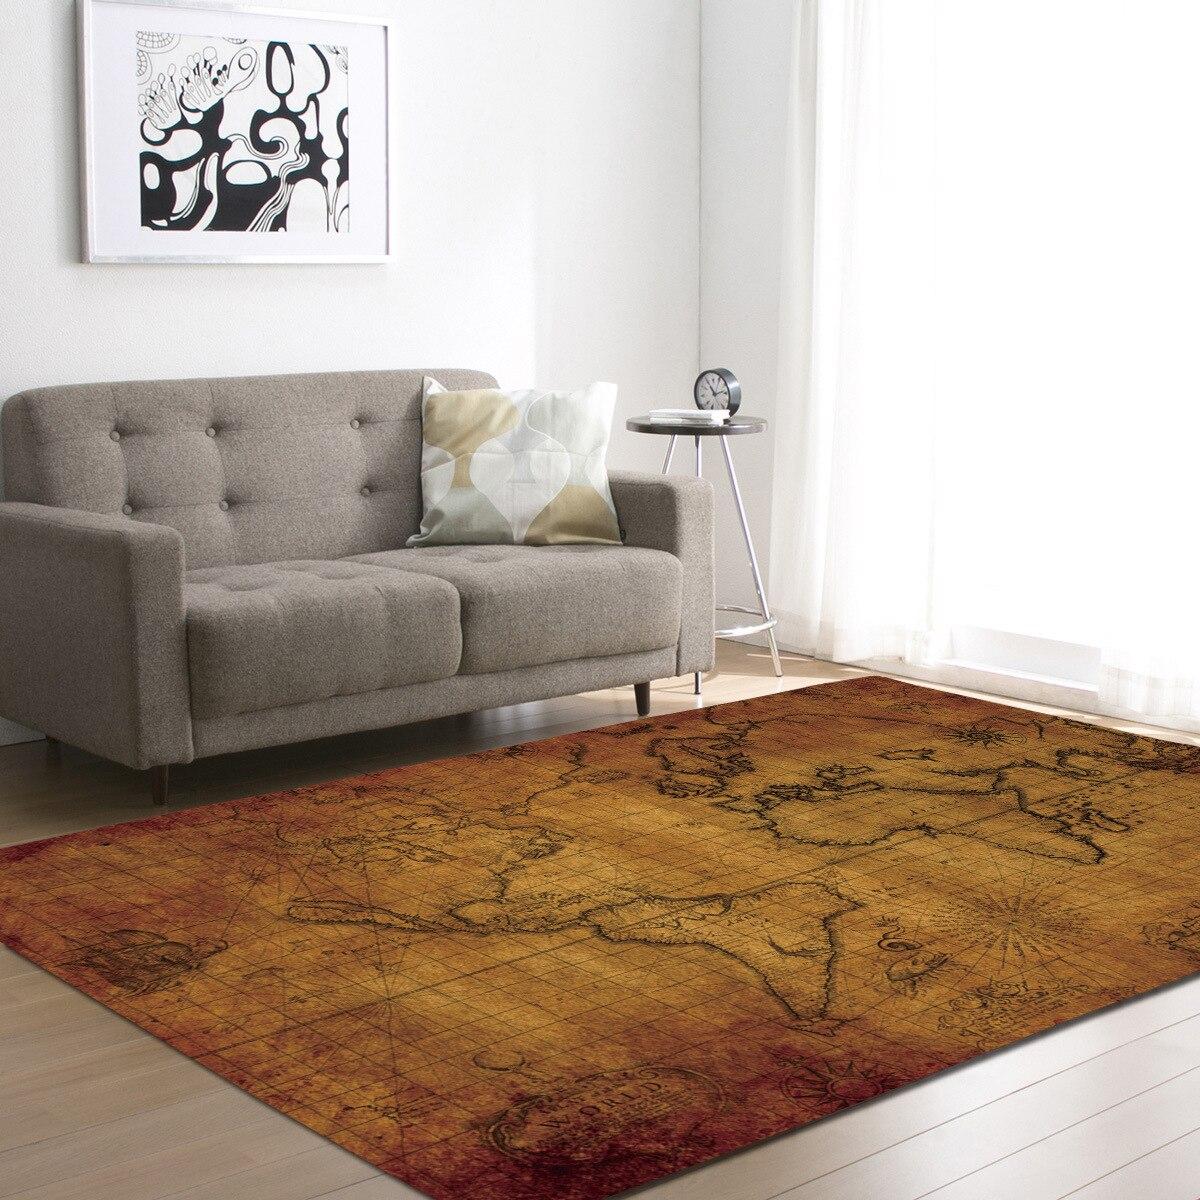 7 couleurs DeMissir carte du monde imprimer grand tapis pour salon jeux pour enfants zone antidérapante tapis tapete alfombra tapis salon